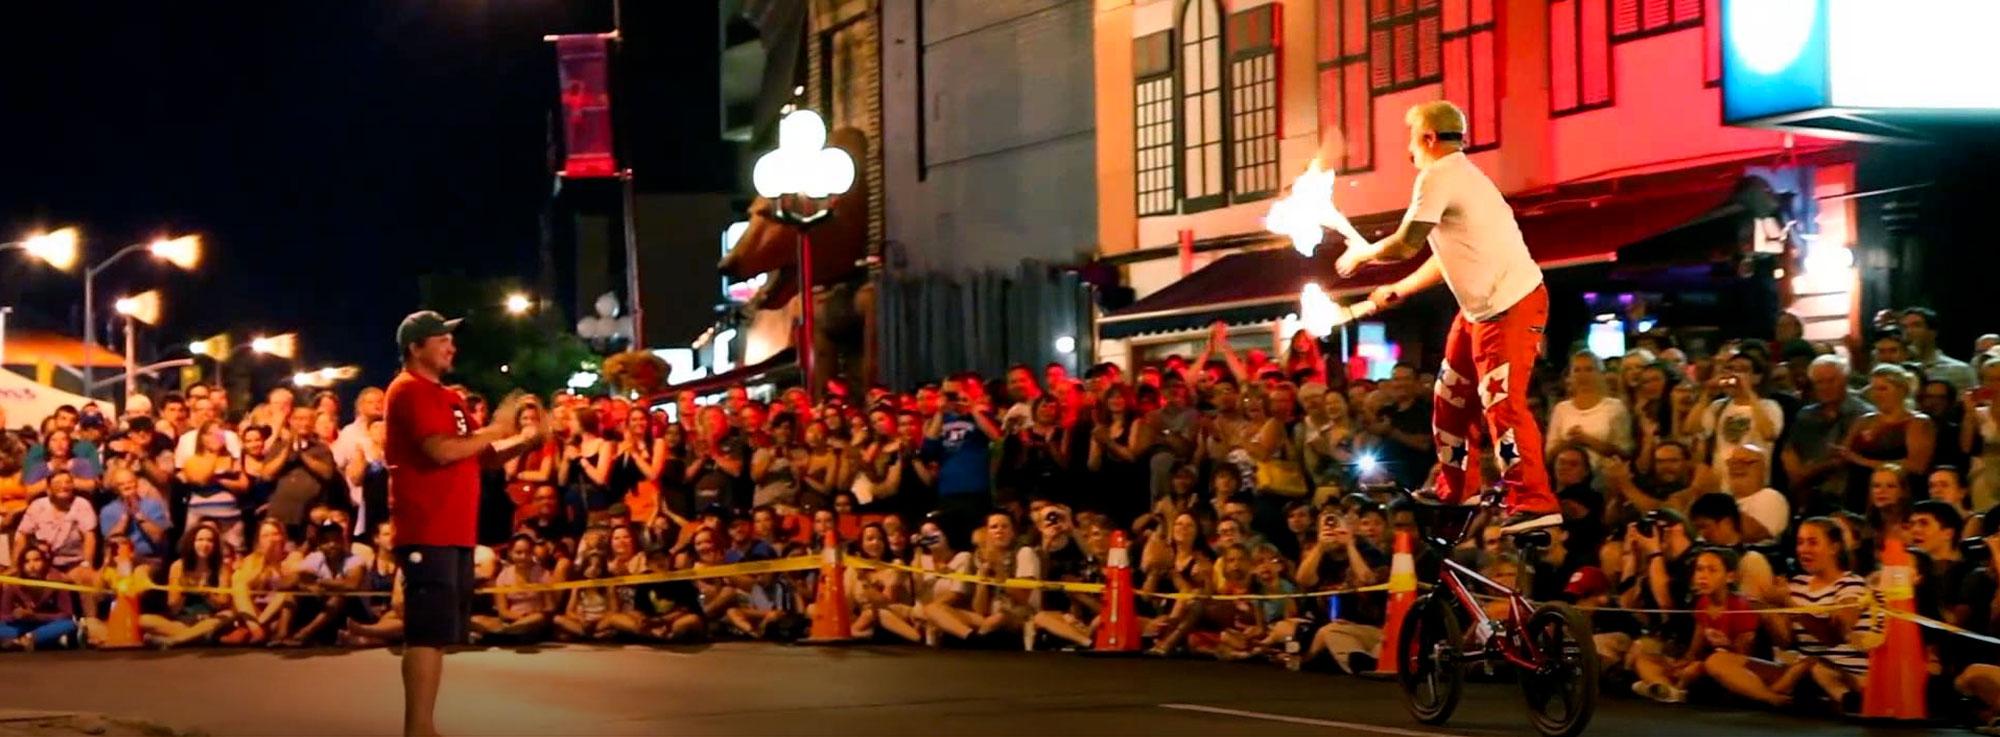 Gioia del Colle: Buskers Festival